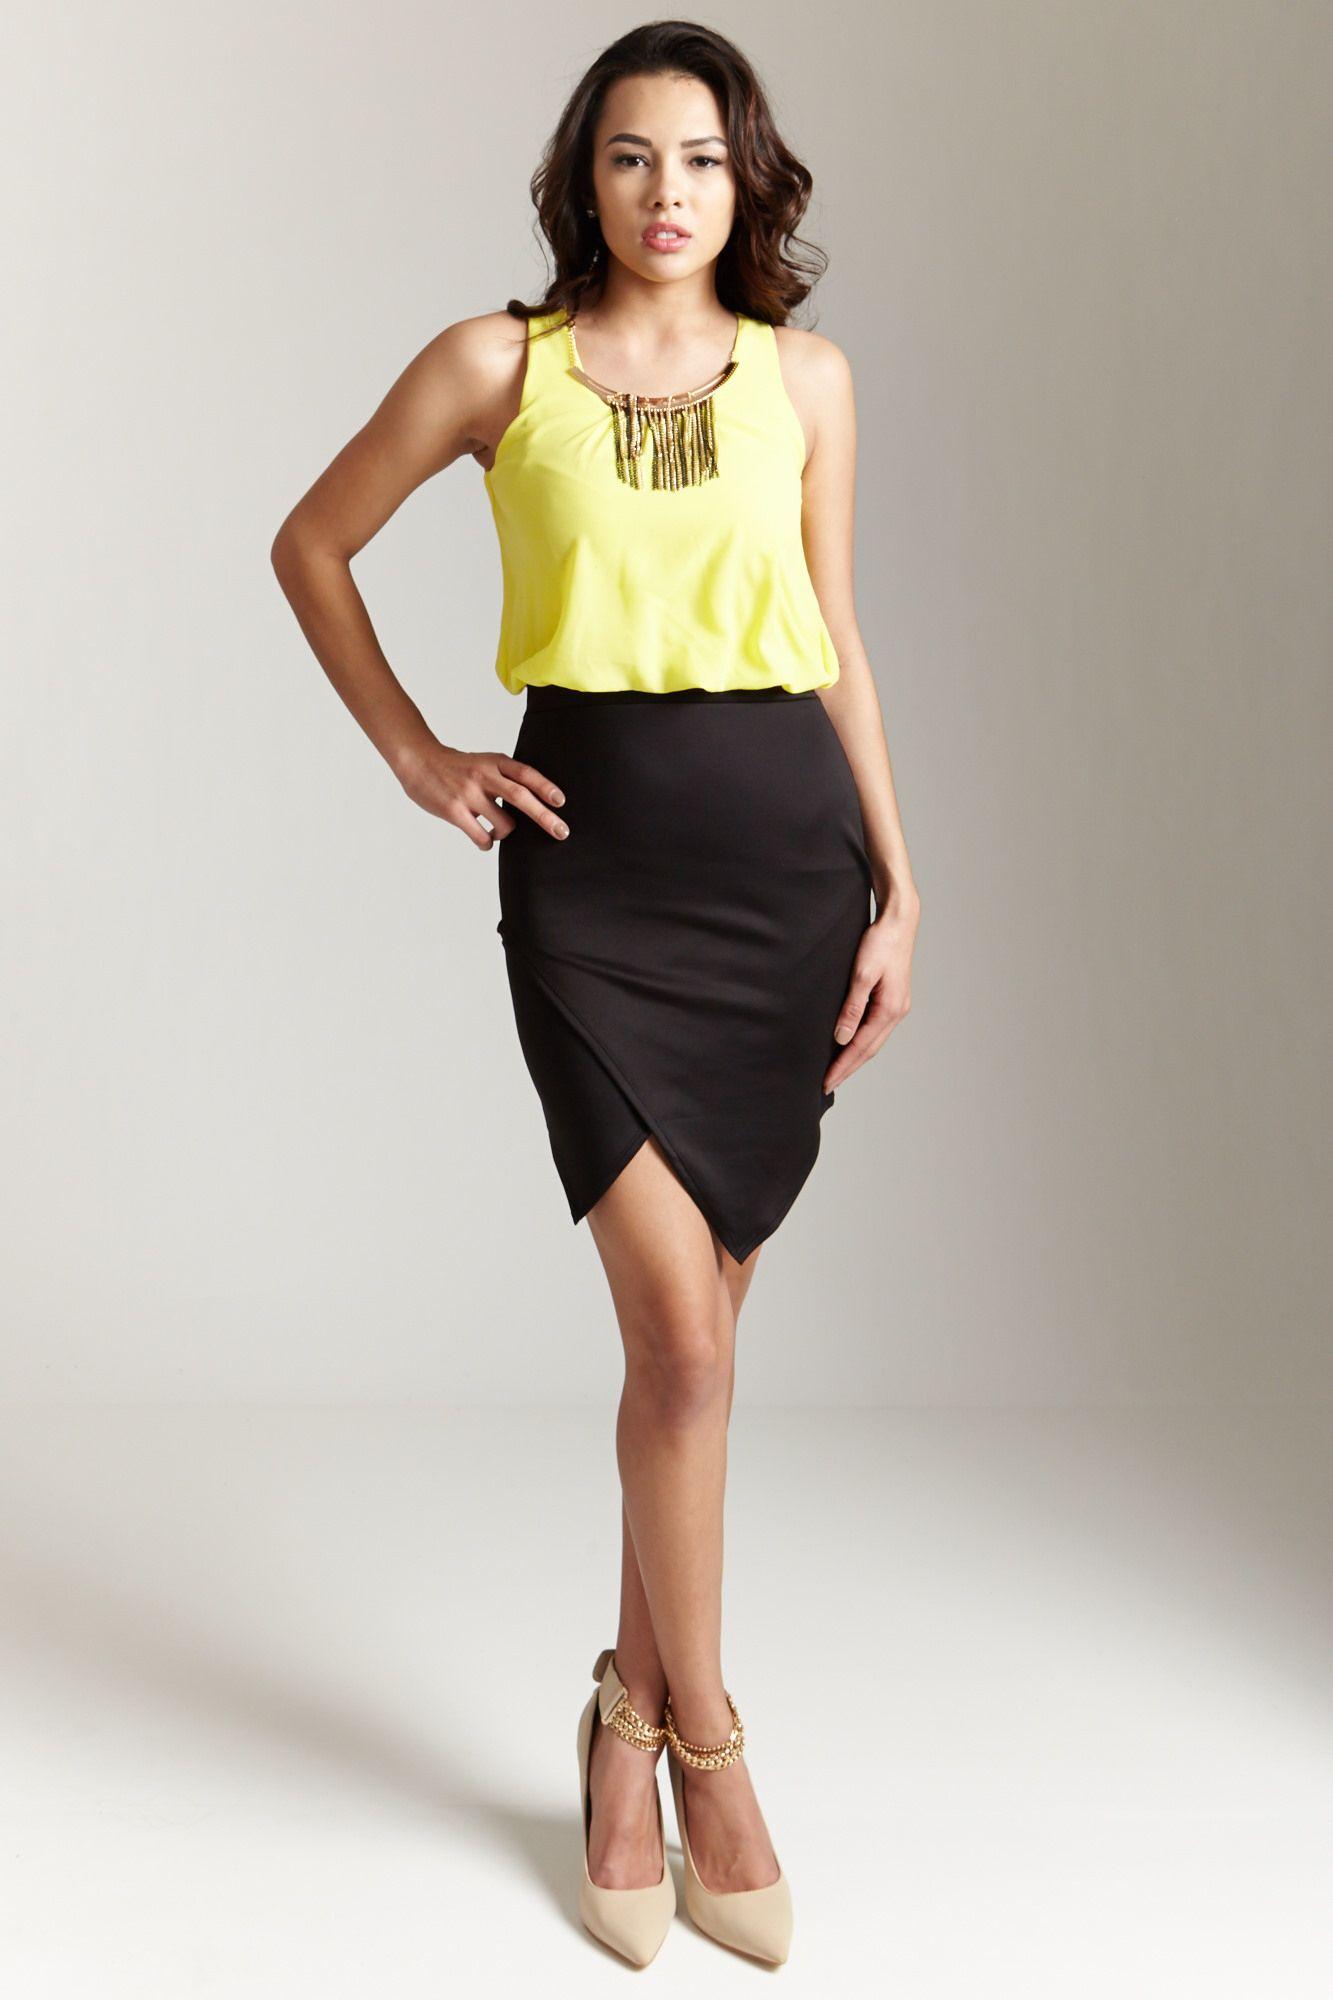 Vestido amarillo y negro, elegante, para una cena o casual para trabajar.